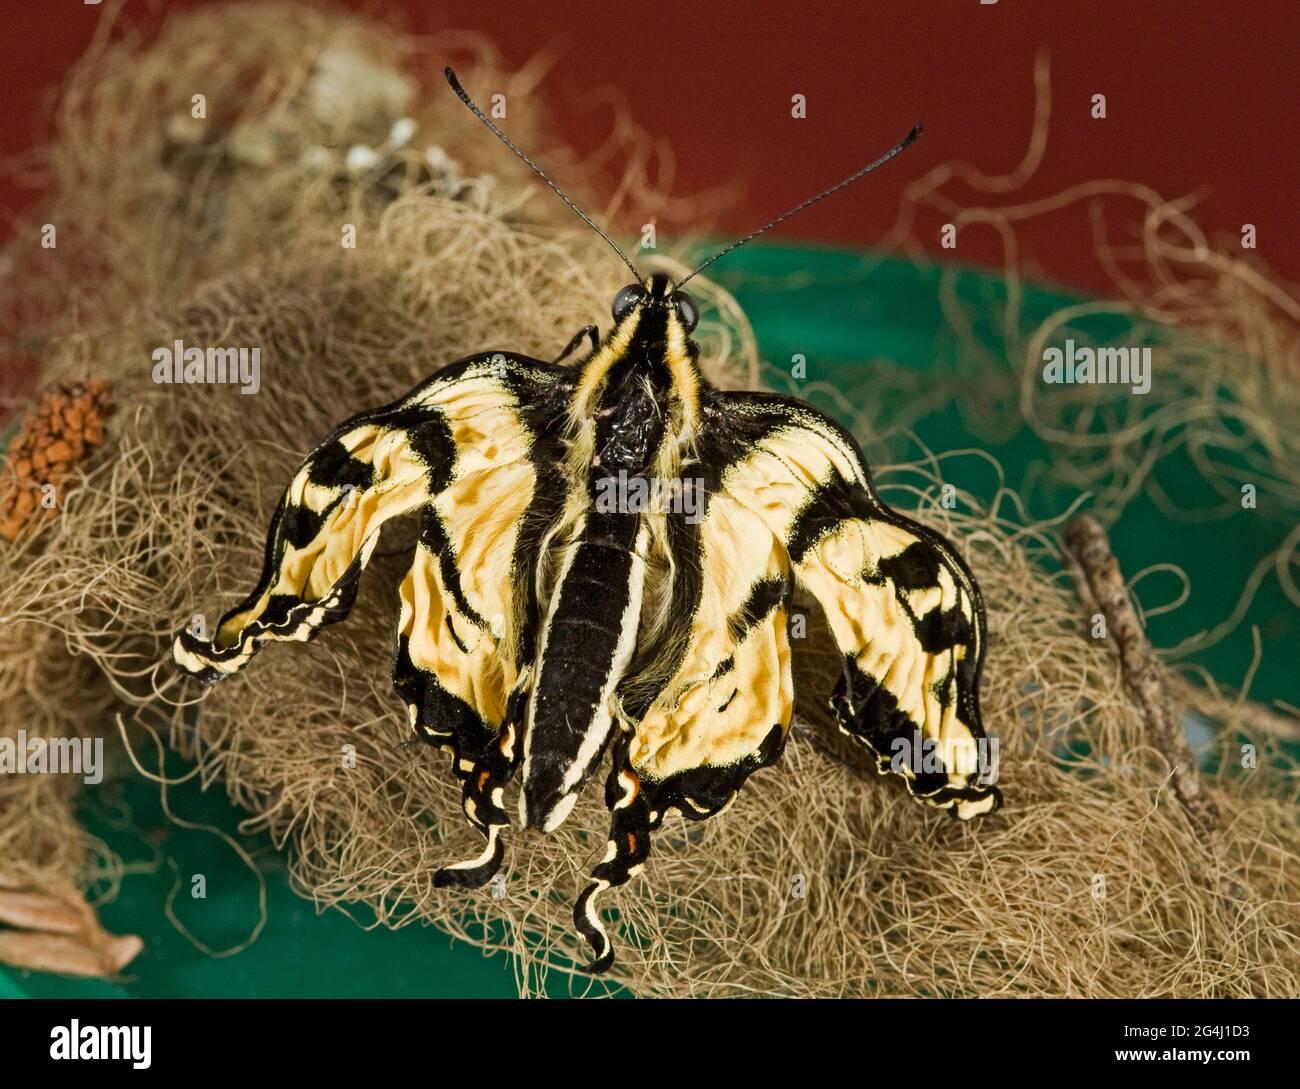 Una mariposa de cola de cisne de tigre occidental recientemente perdida que sufre de ofriocystis elektroscirrha, una infección que impide que sus alas se llenen de fl Foto de stock